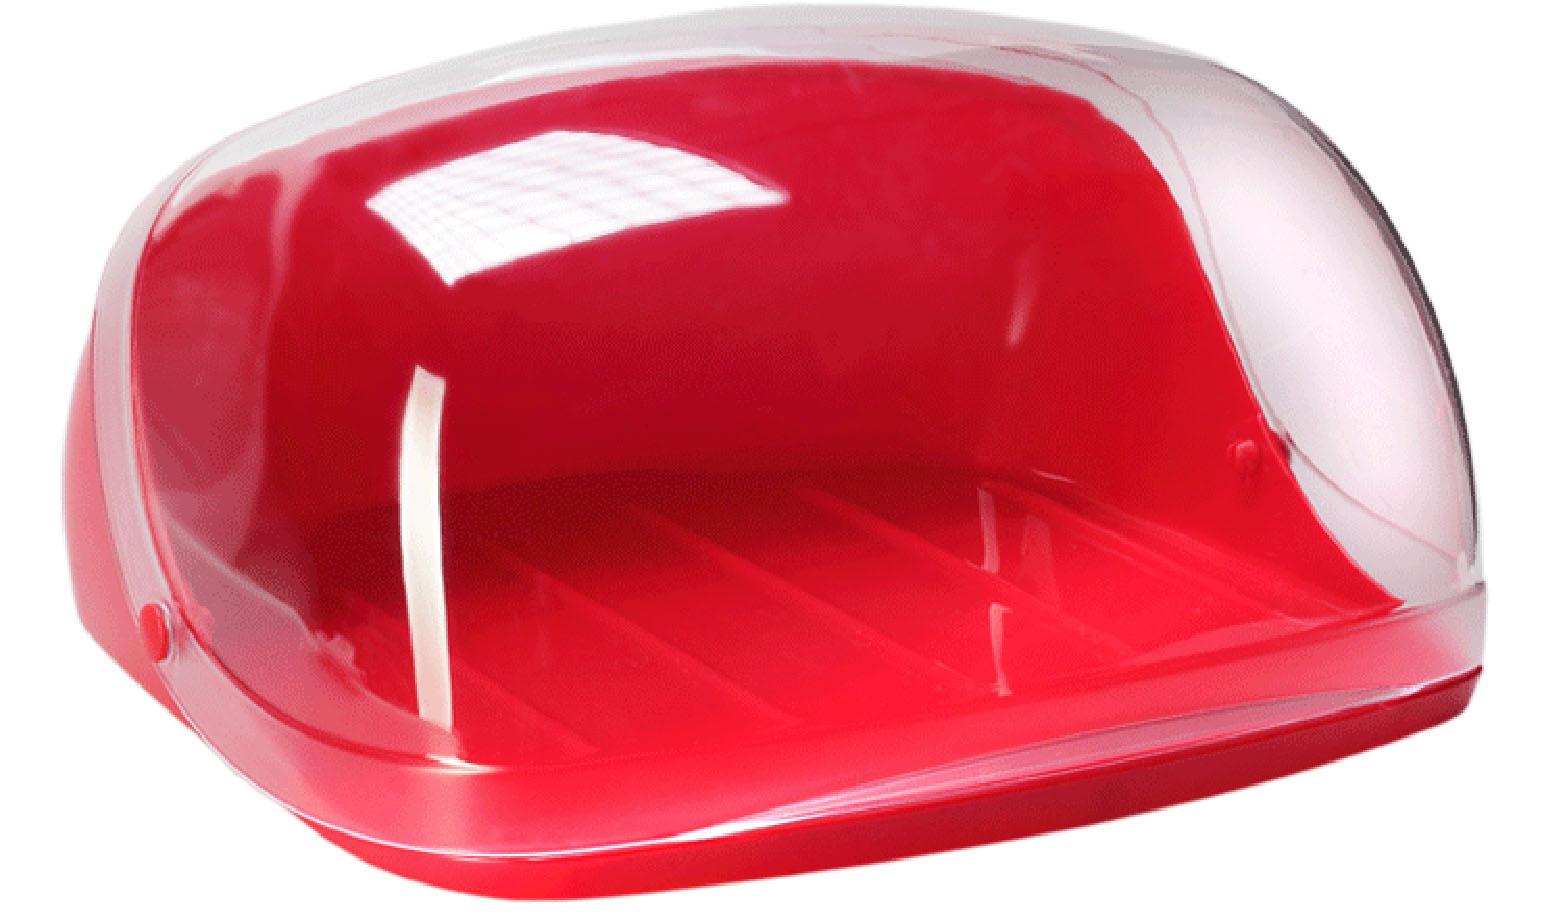 Хлебница Idea Кристалл, цвет: красный, прозрачный, 40 х 29 х 16 смMT-1951Хлебница Idea Кристалл, изготовленная из пищевого пластика, обеспечивает идеальные условия хранения для различных видов хлебобулочных изделий, надолго сохраняя их свежесть. Изделие оснащено плотно закрывающейся крышкой, защищающей продукты от воздействия внешних факторов (запахов и влаги).Вместительность, функциональность и стильный дизайн позволят хлебнице стать не только незаменимым аксессуаром на кухне, но и предметом украшения интерьера. В ней хлеб всегда останется свежим и вкусным.